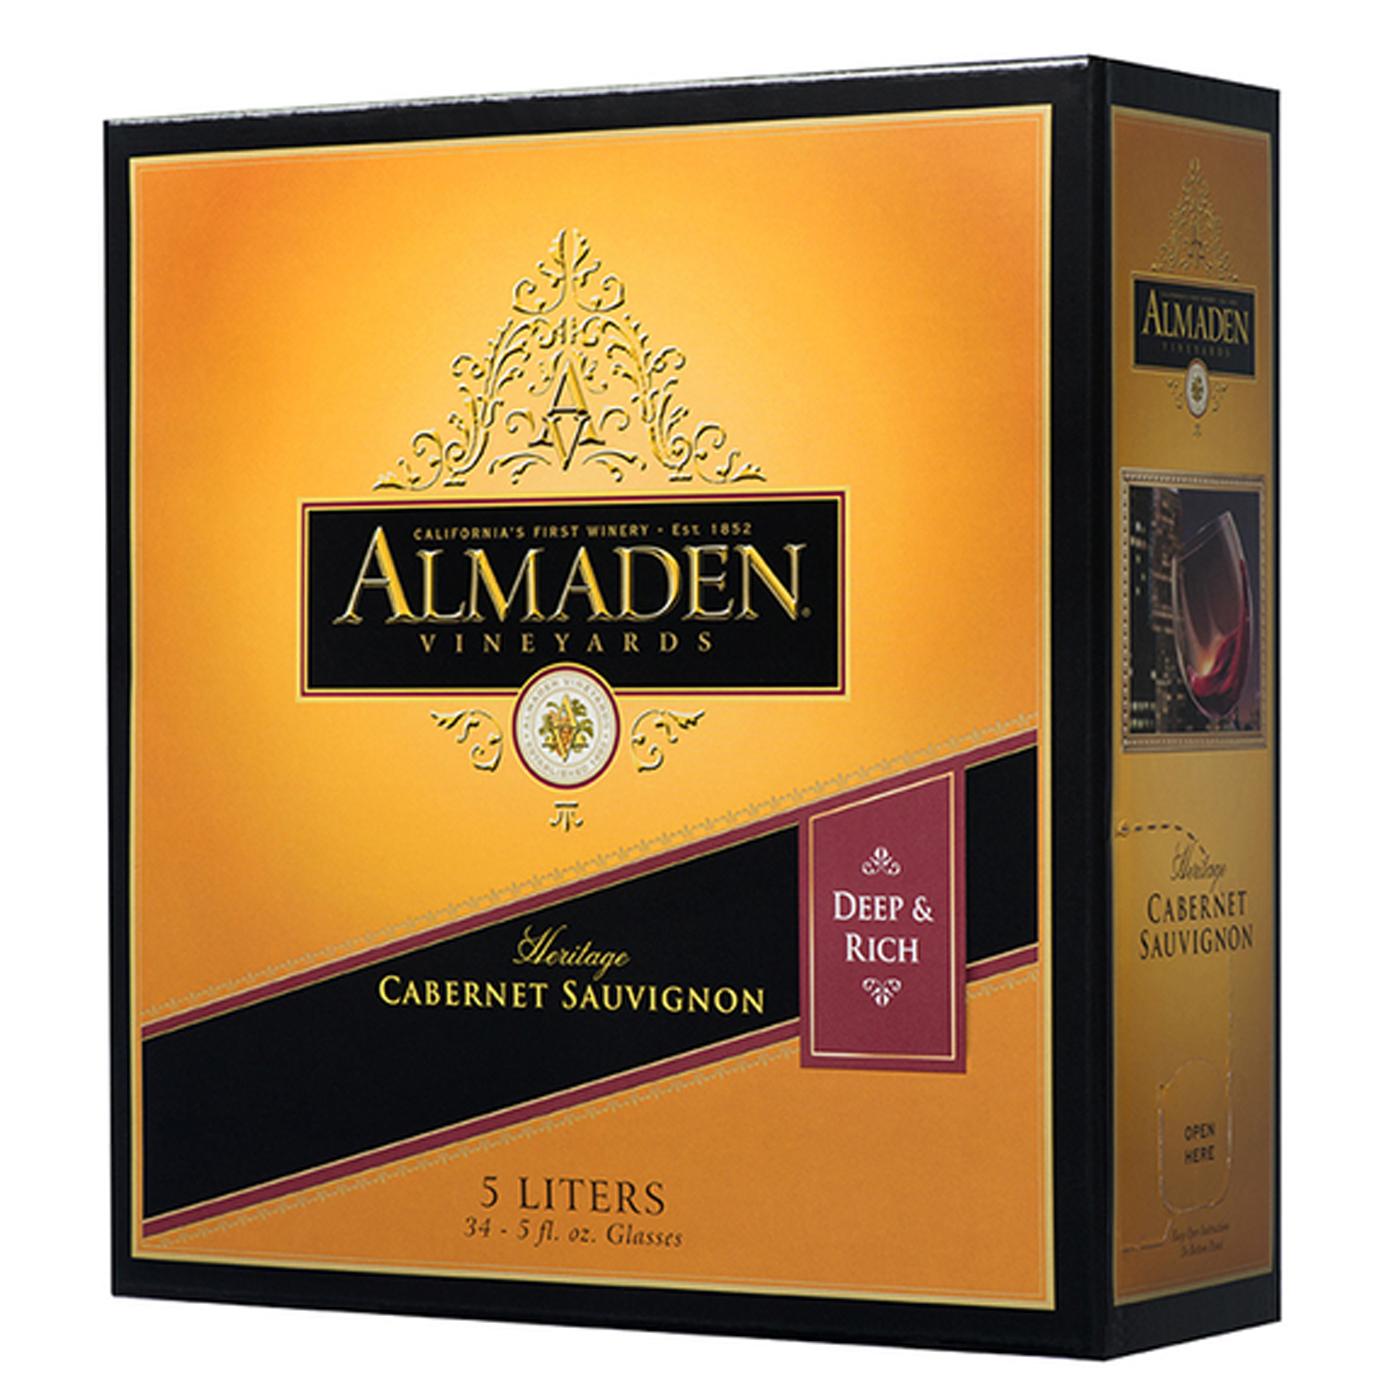 Vang bịch ALMADEN Cabernet Sauvignon